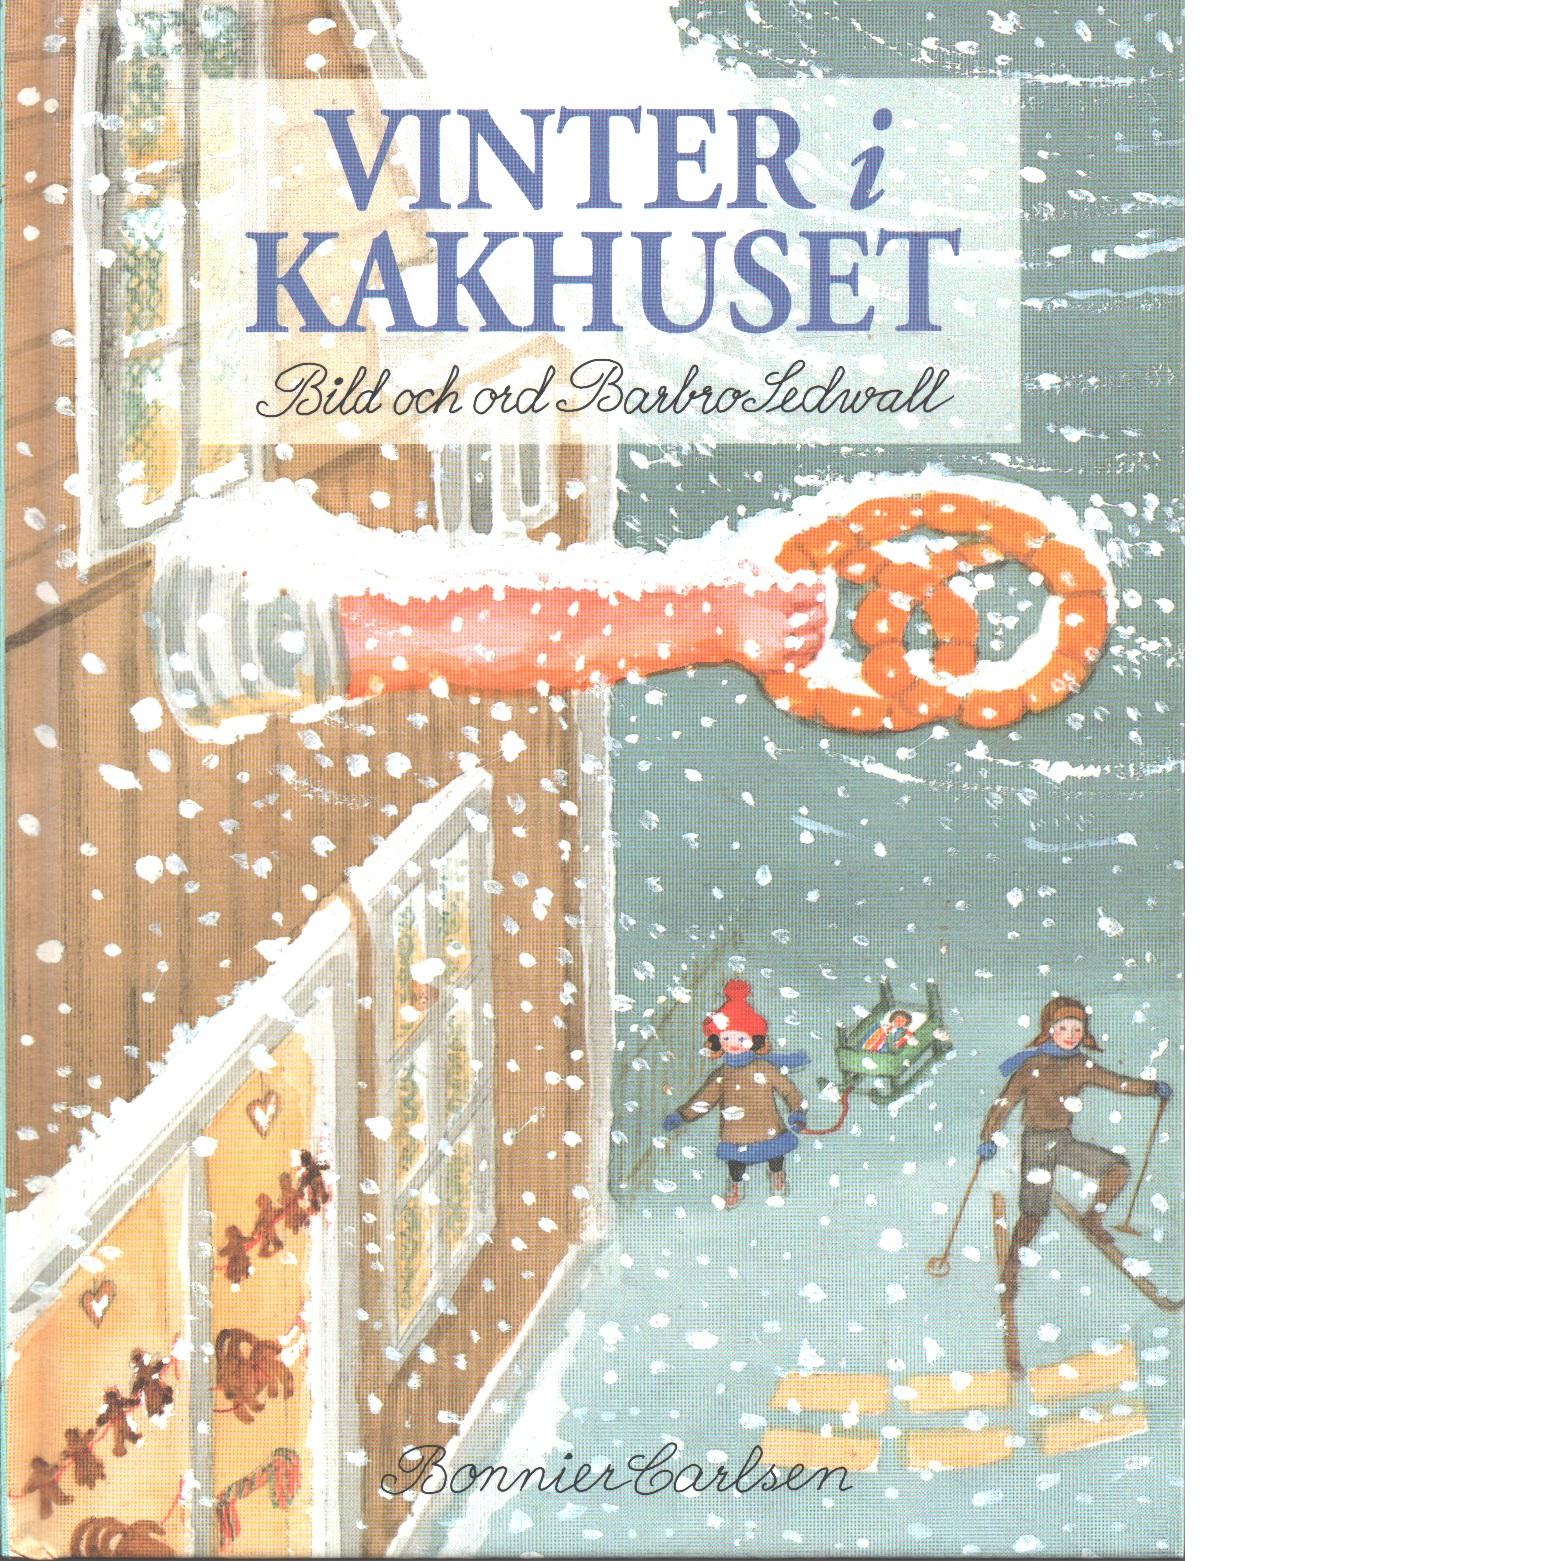 Vinter i kakhuset - Sedwall, Barbro